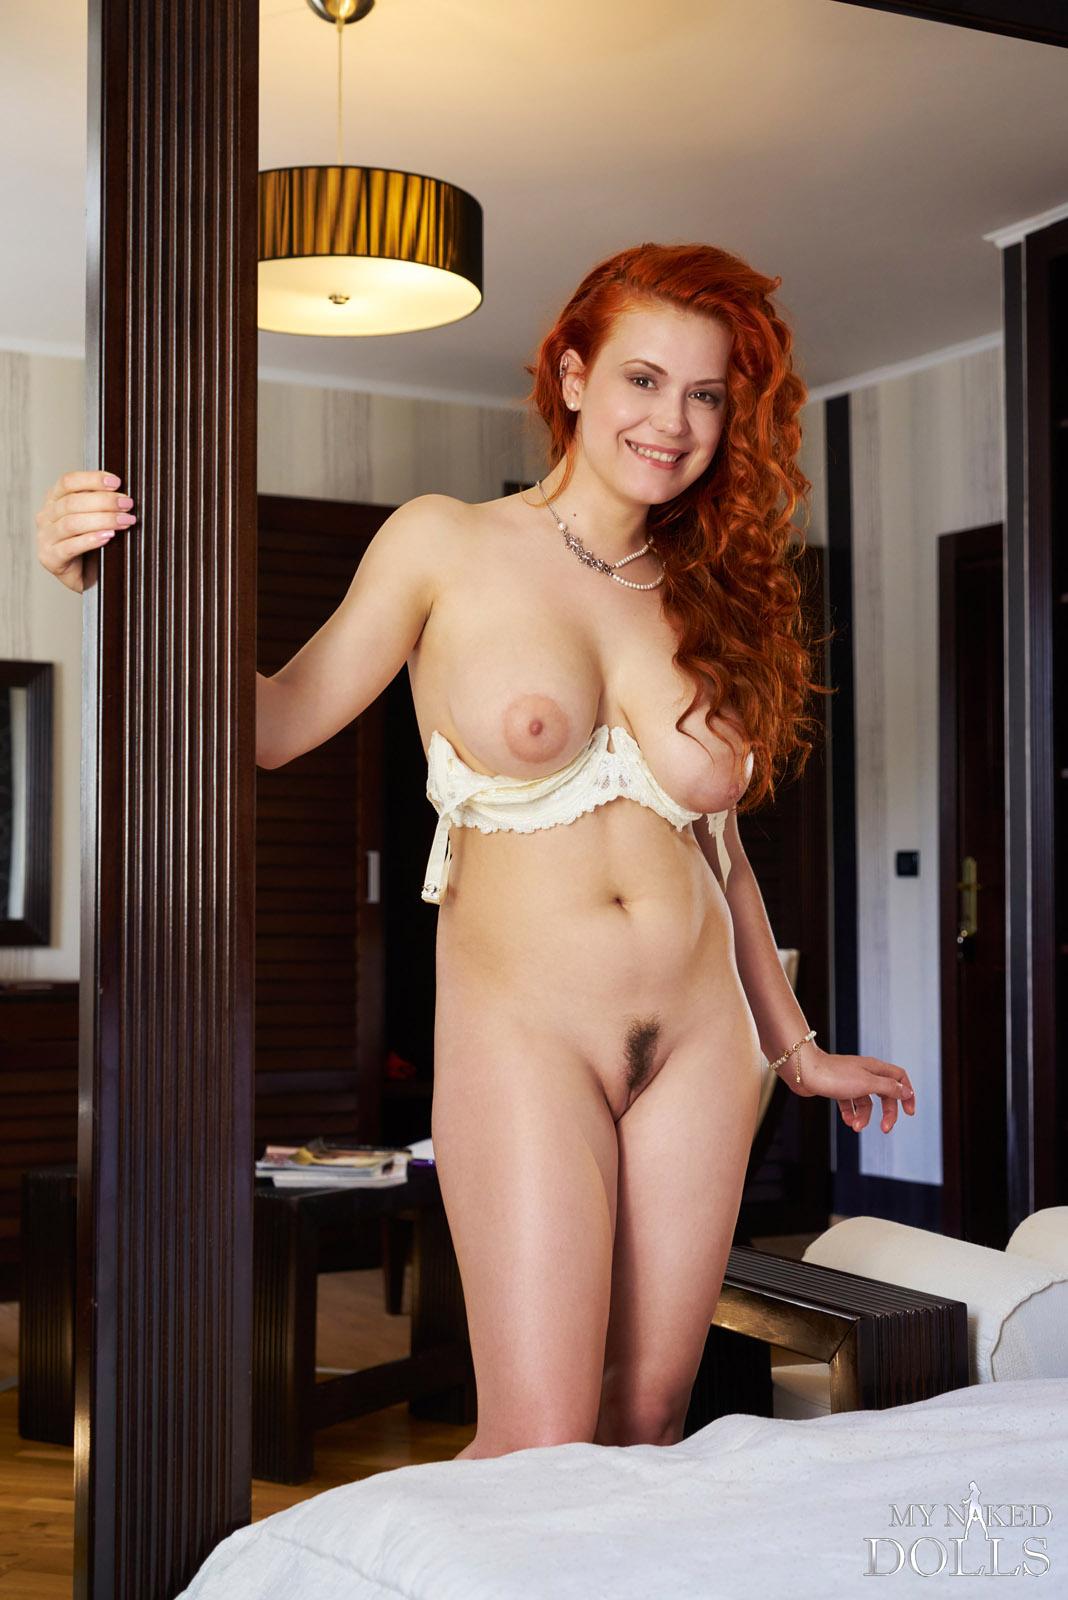 Eva e naked bedroom metart 07 RedBust